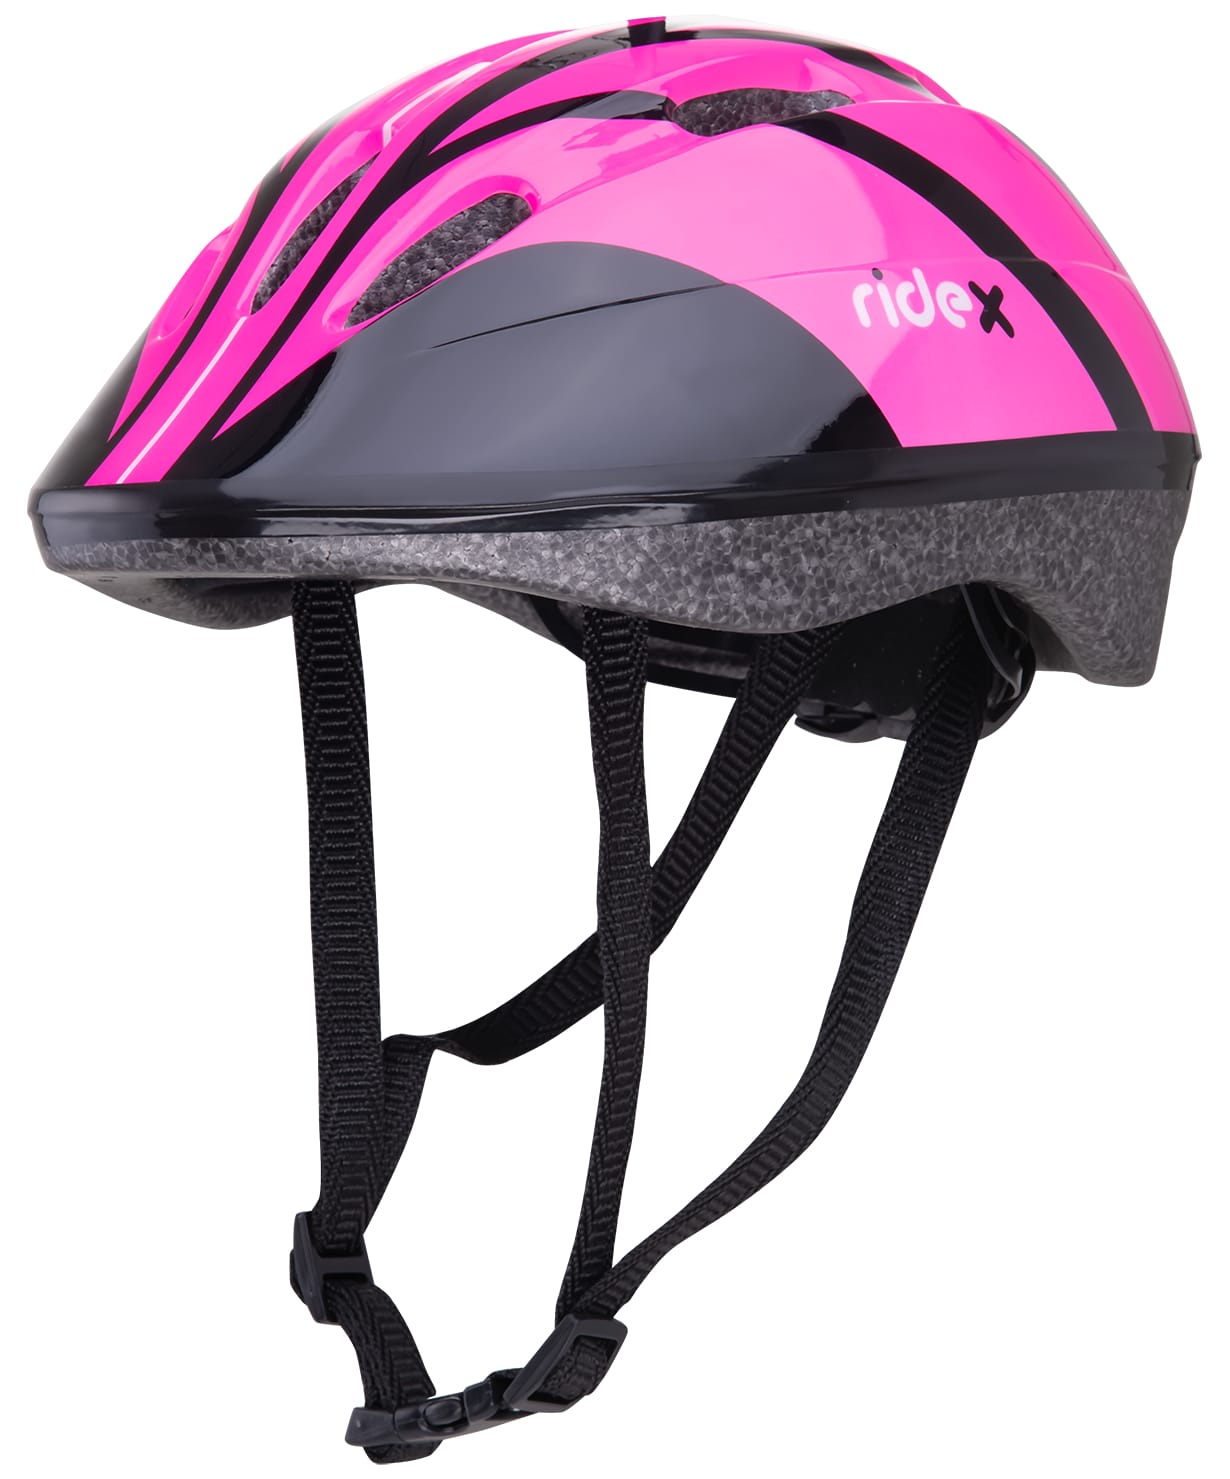 Шлем защитный Ridex Rapid, розовый kivat шлем розовый